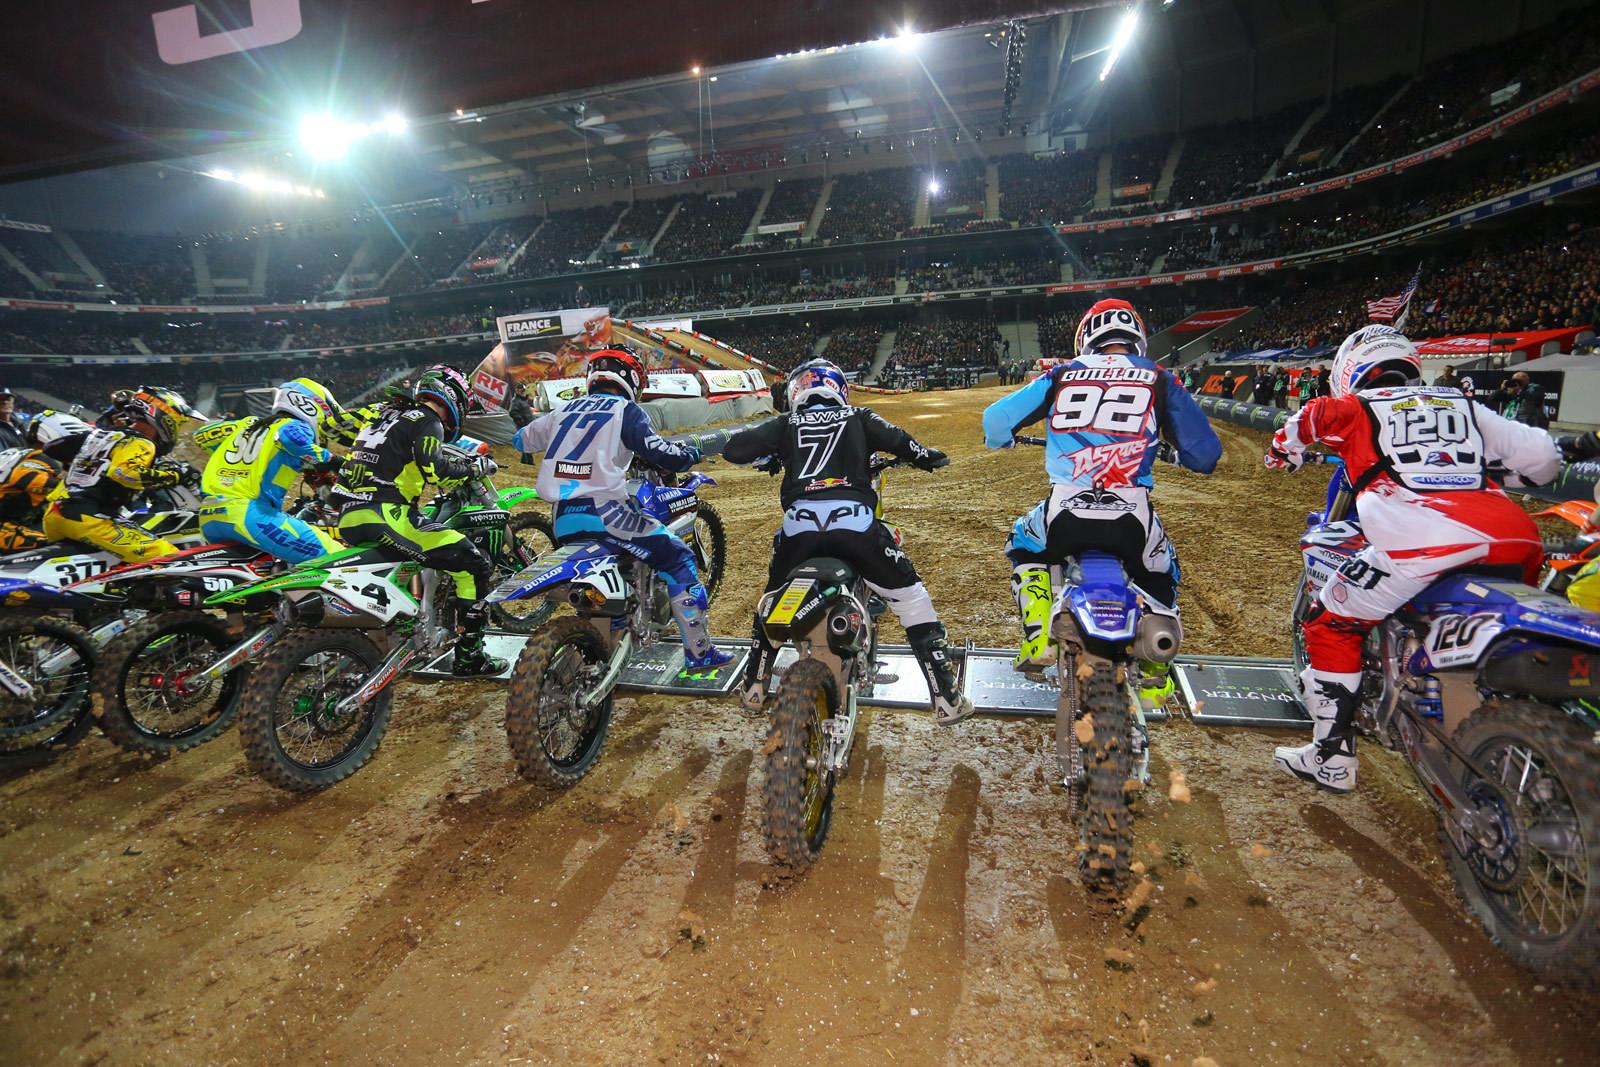 SX1 Main Event - Photo Blast: Paris-Lille Supercross - Motocross Pictures - Vital MX